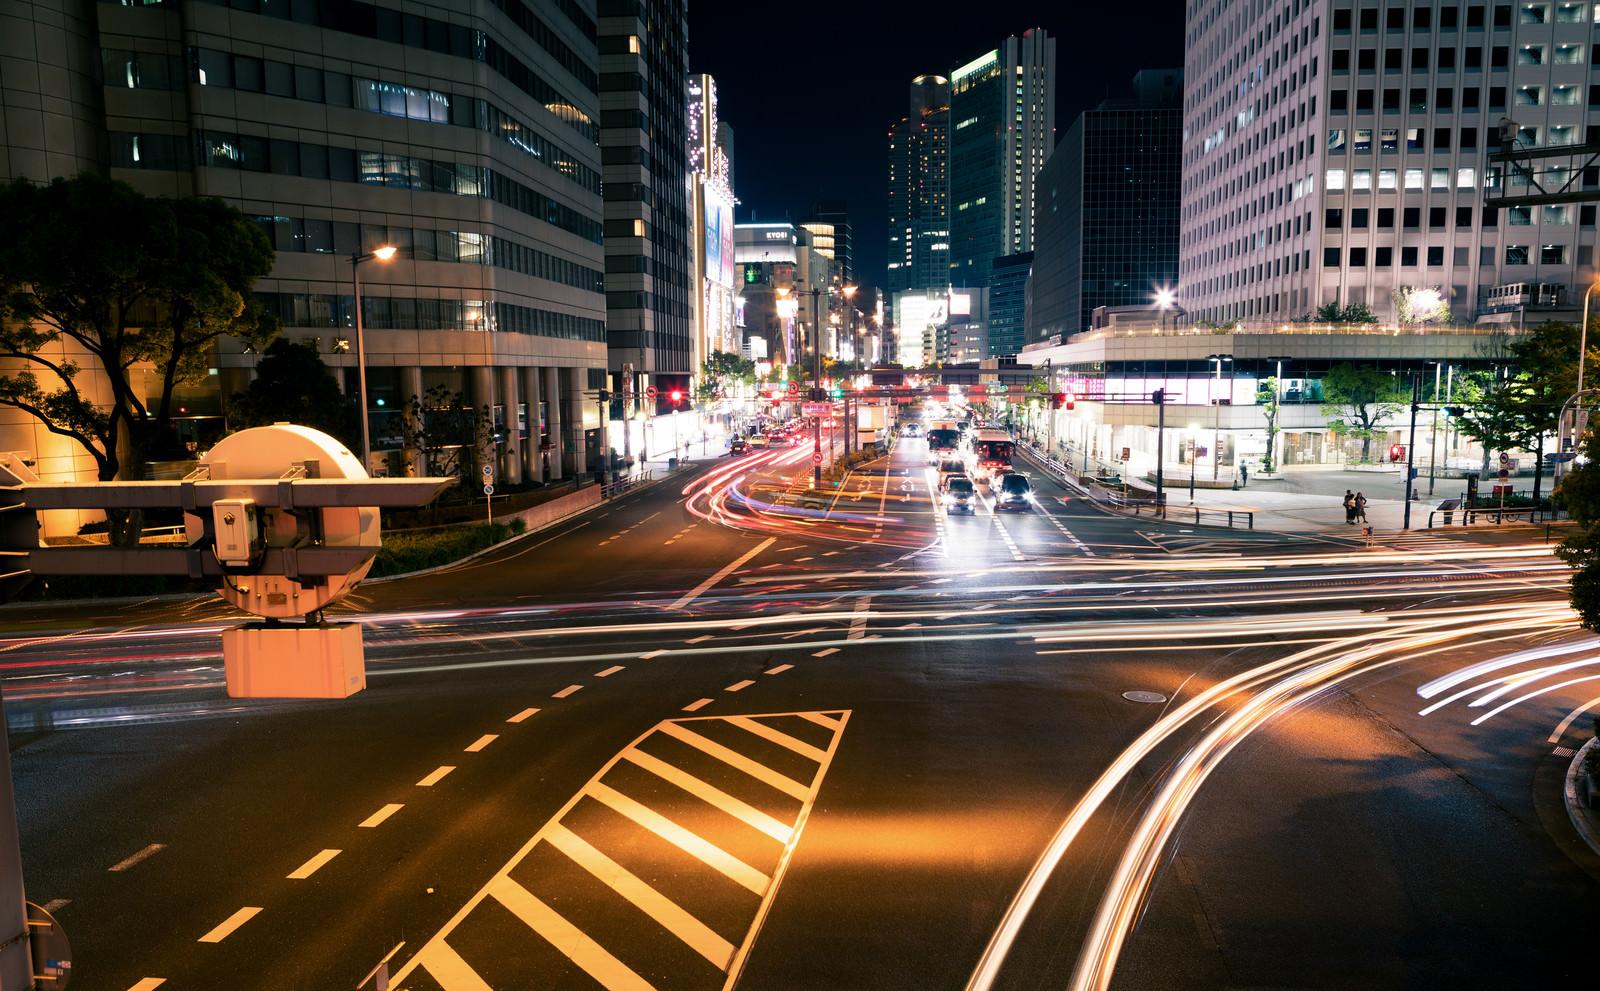 「夜の交差点を行き交う車の光跡」の写真